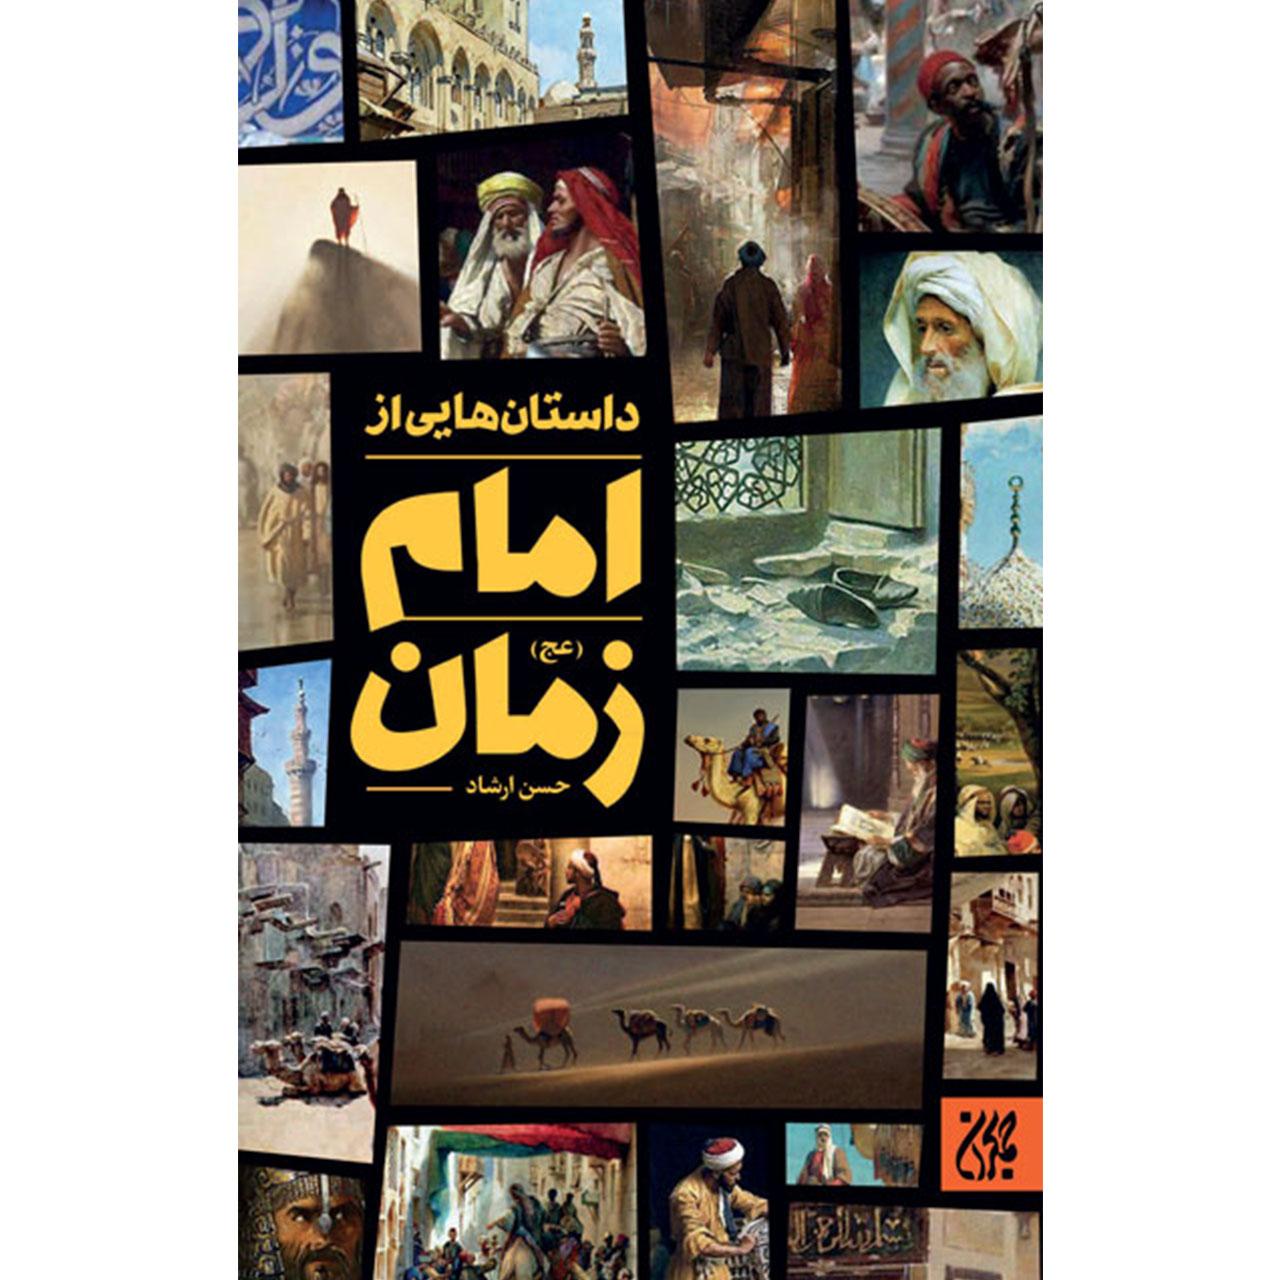 خرید                      کتاب داستان هایی از امام زمان (عج) اثر حسن ارشاد انتشارات جمکران